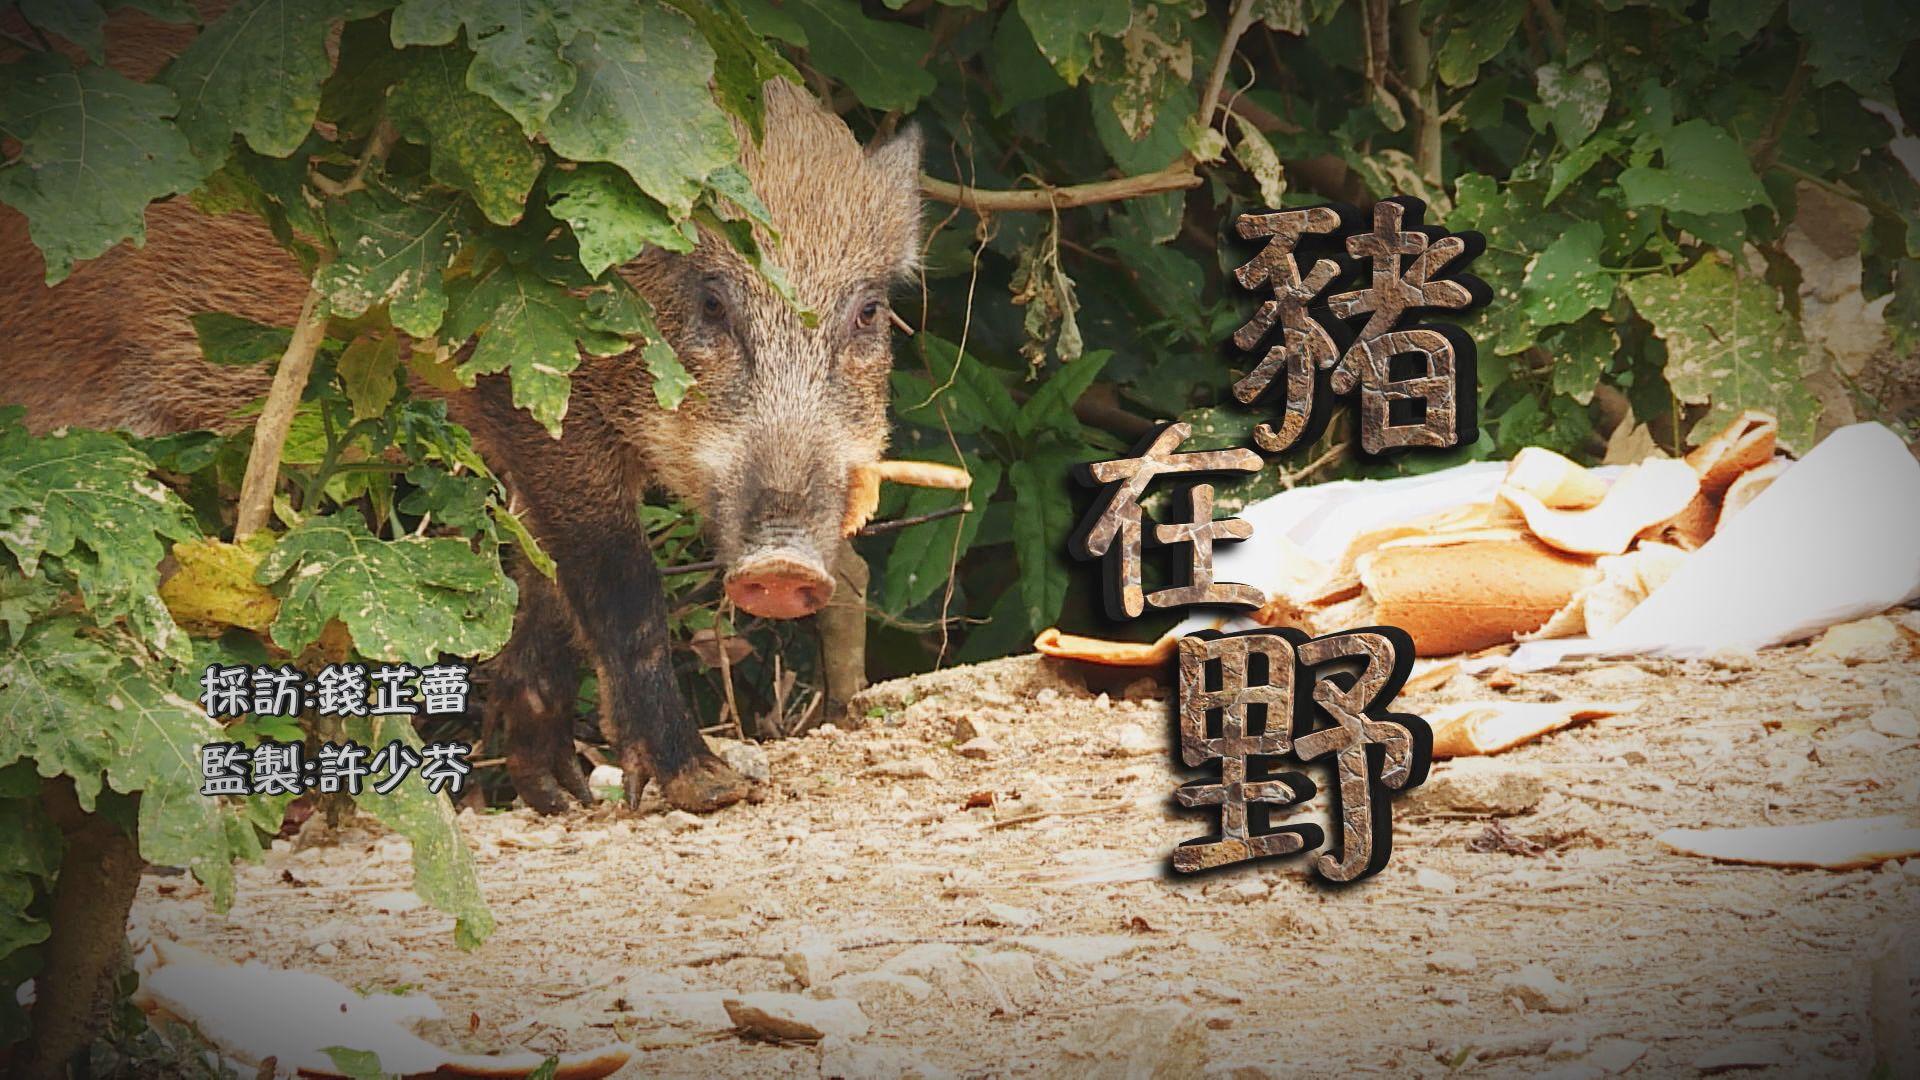 【經緯線】豬在野(一)